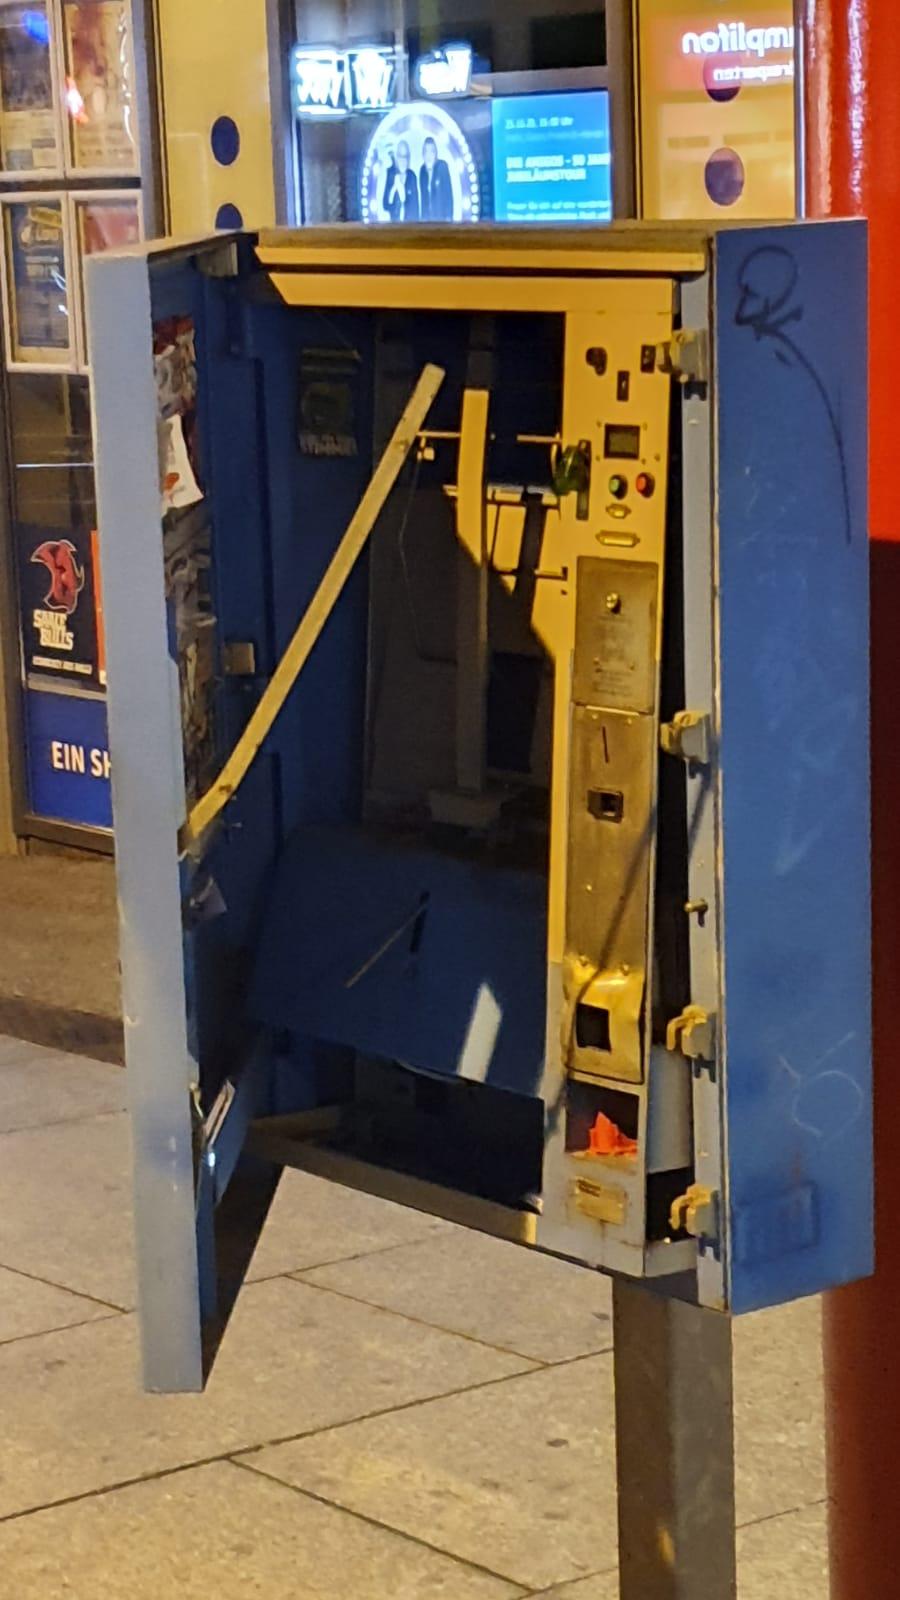 Automat Gesprengt